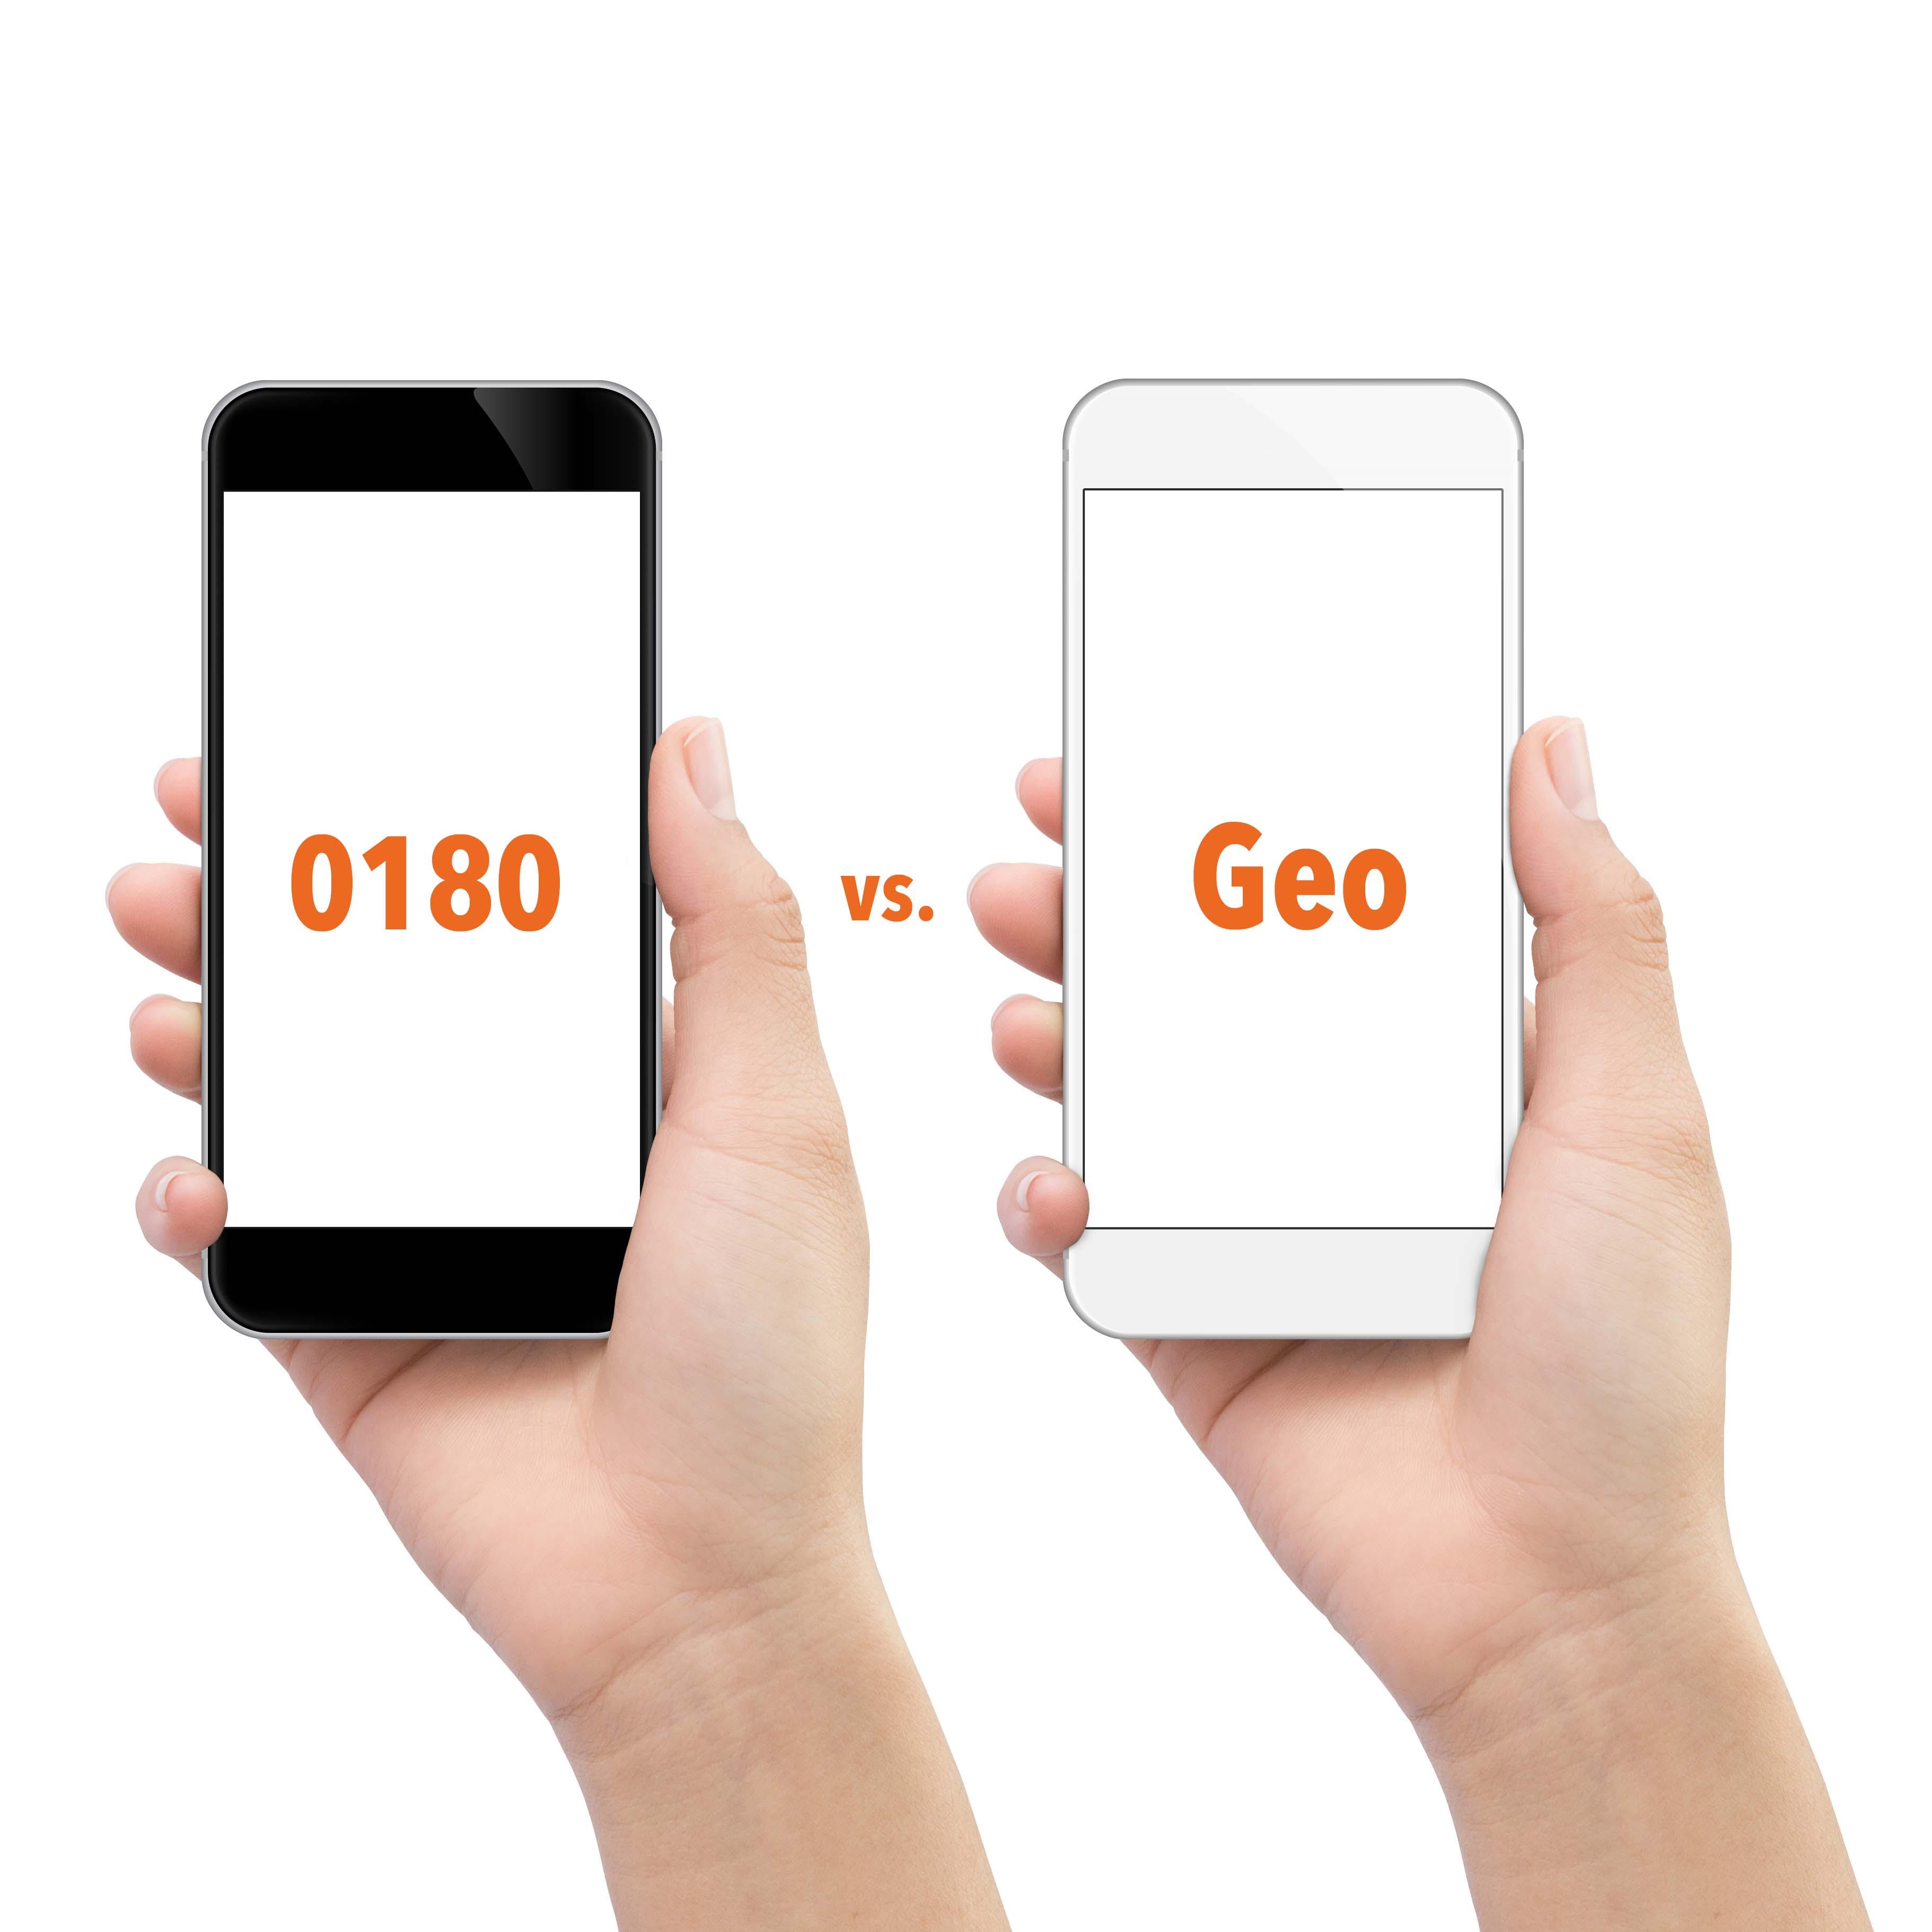 Geo ist die 0180 Ersatznummer